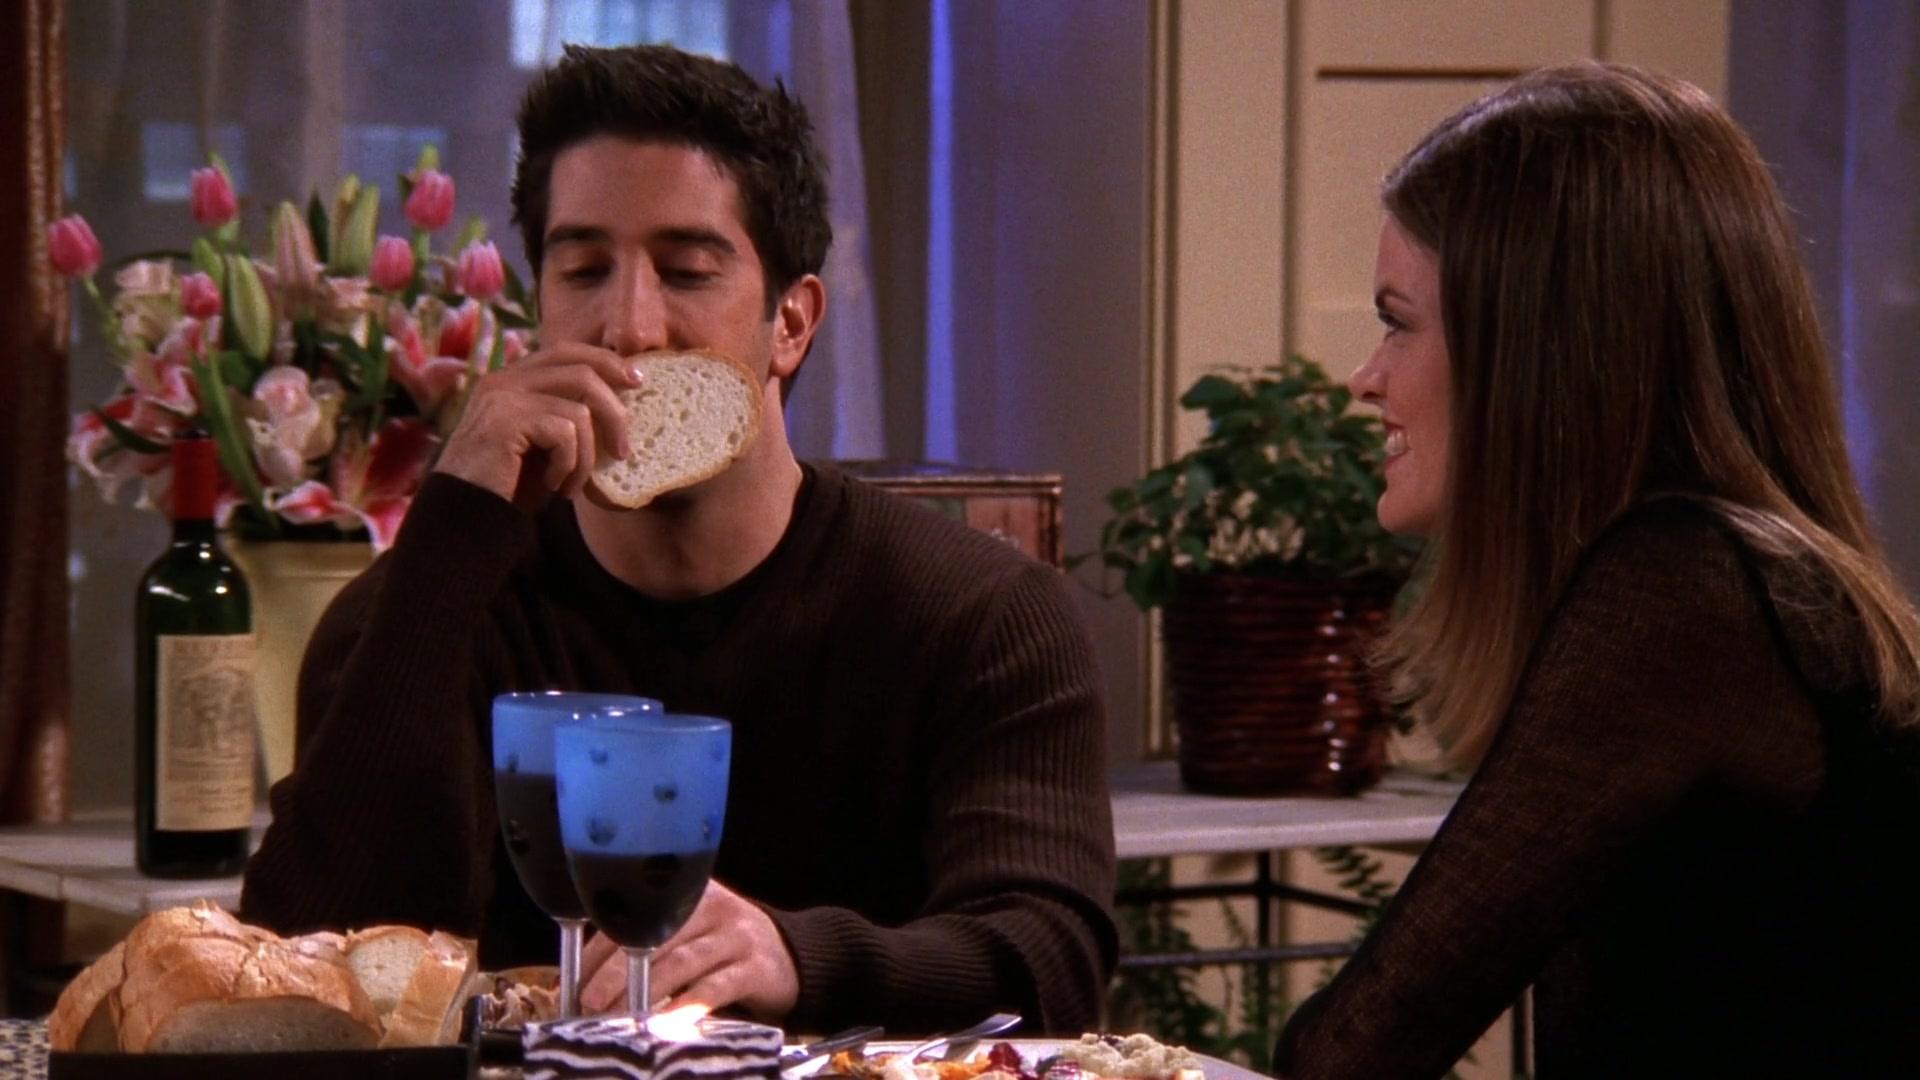 Ruffino Wine Drunk by David Schwimmer (Ross Geller) in ...